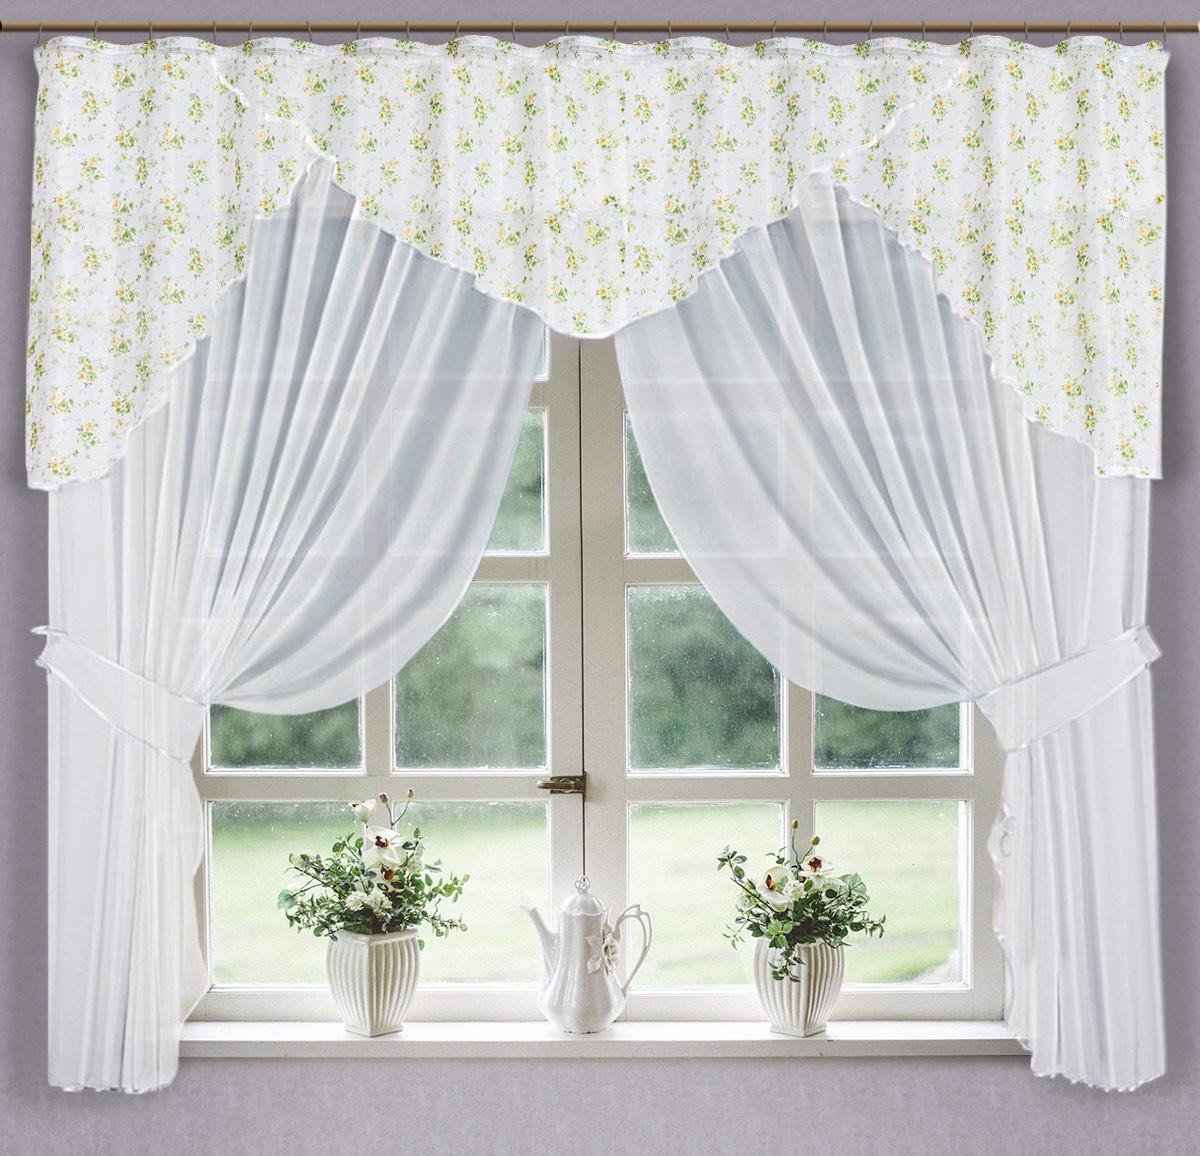 0027/БЗ, ВИРДЖИНИЯ, комплект из вуали , цвет бело-зеленый, размеры 300 см ширина, 180 см высота, состоит из 3-х деталей. подхваты входят в комплектицию